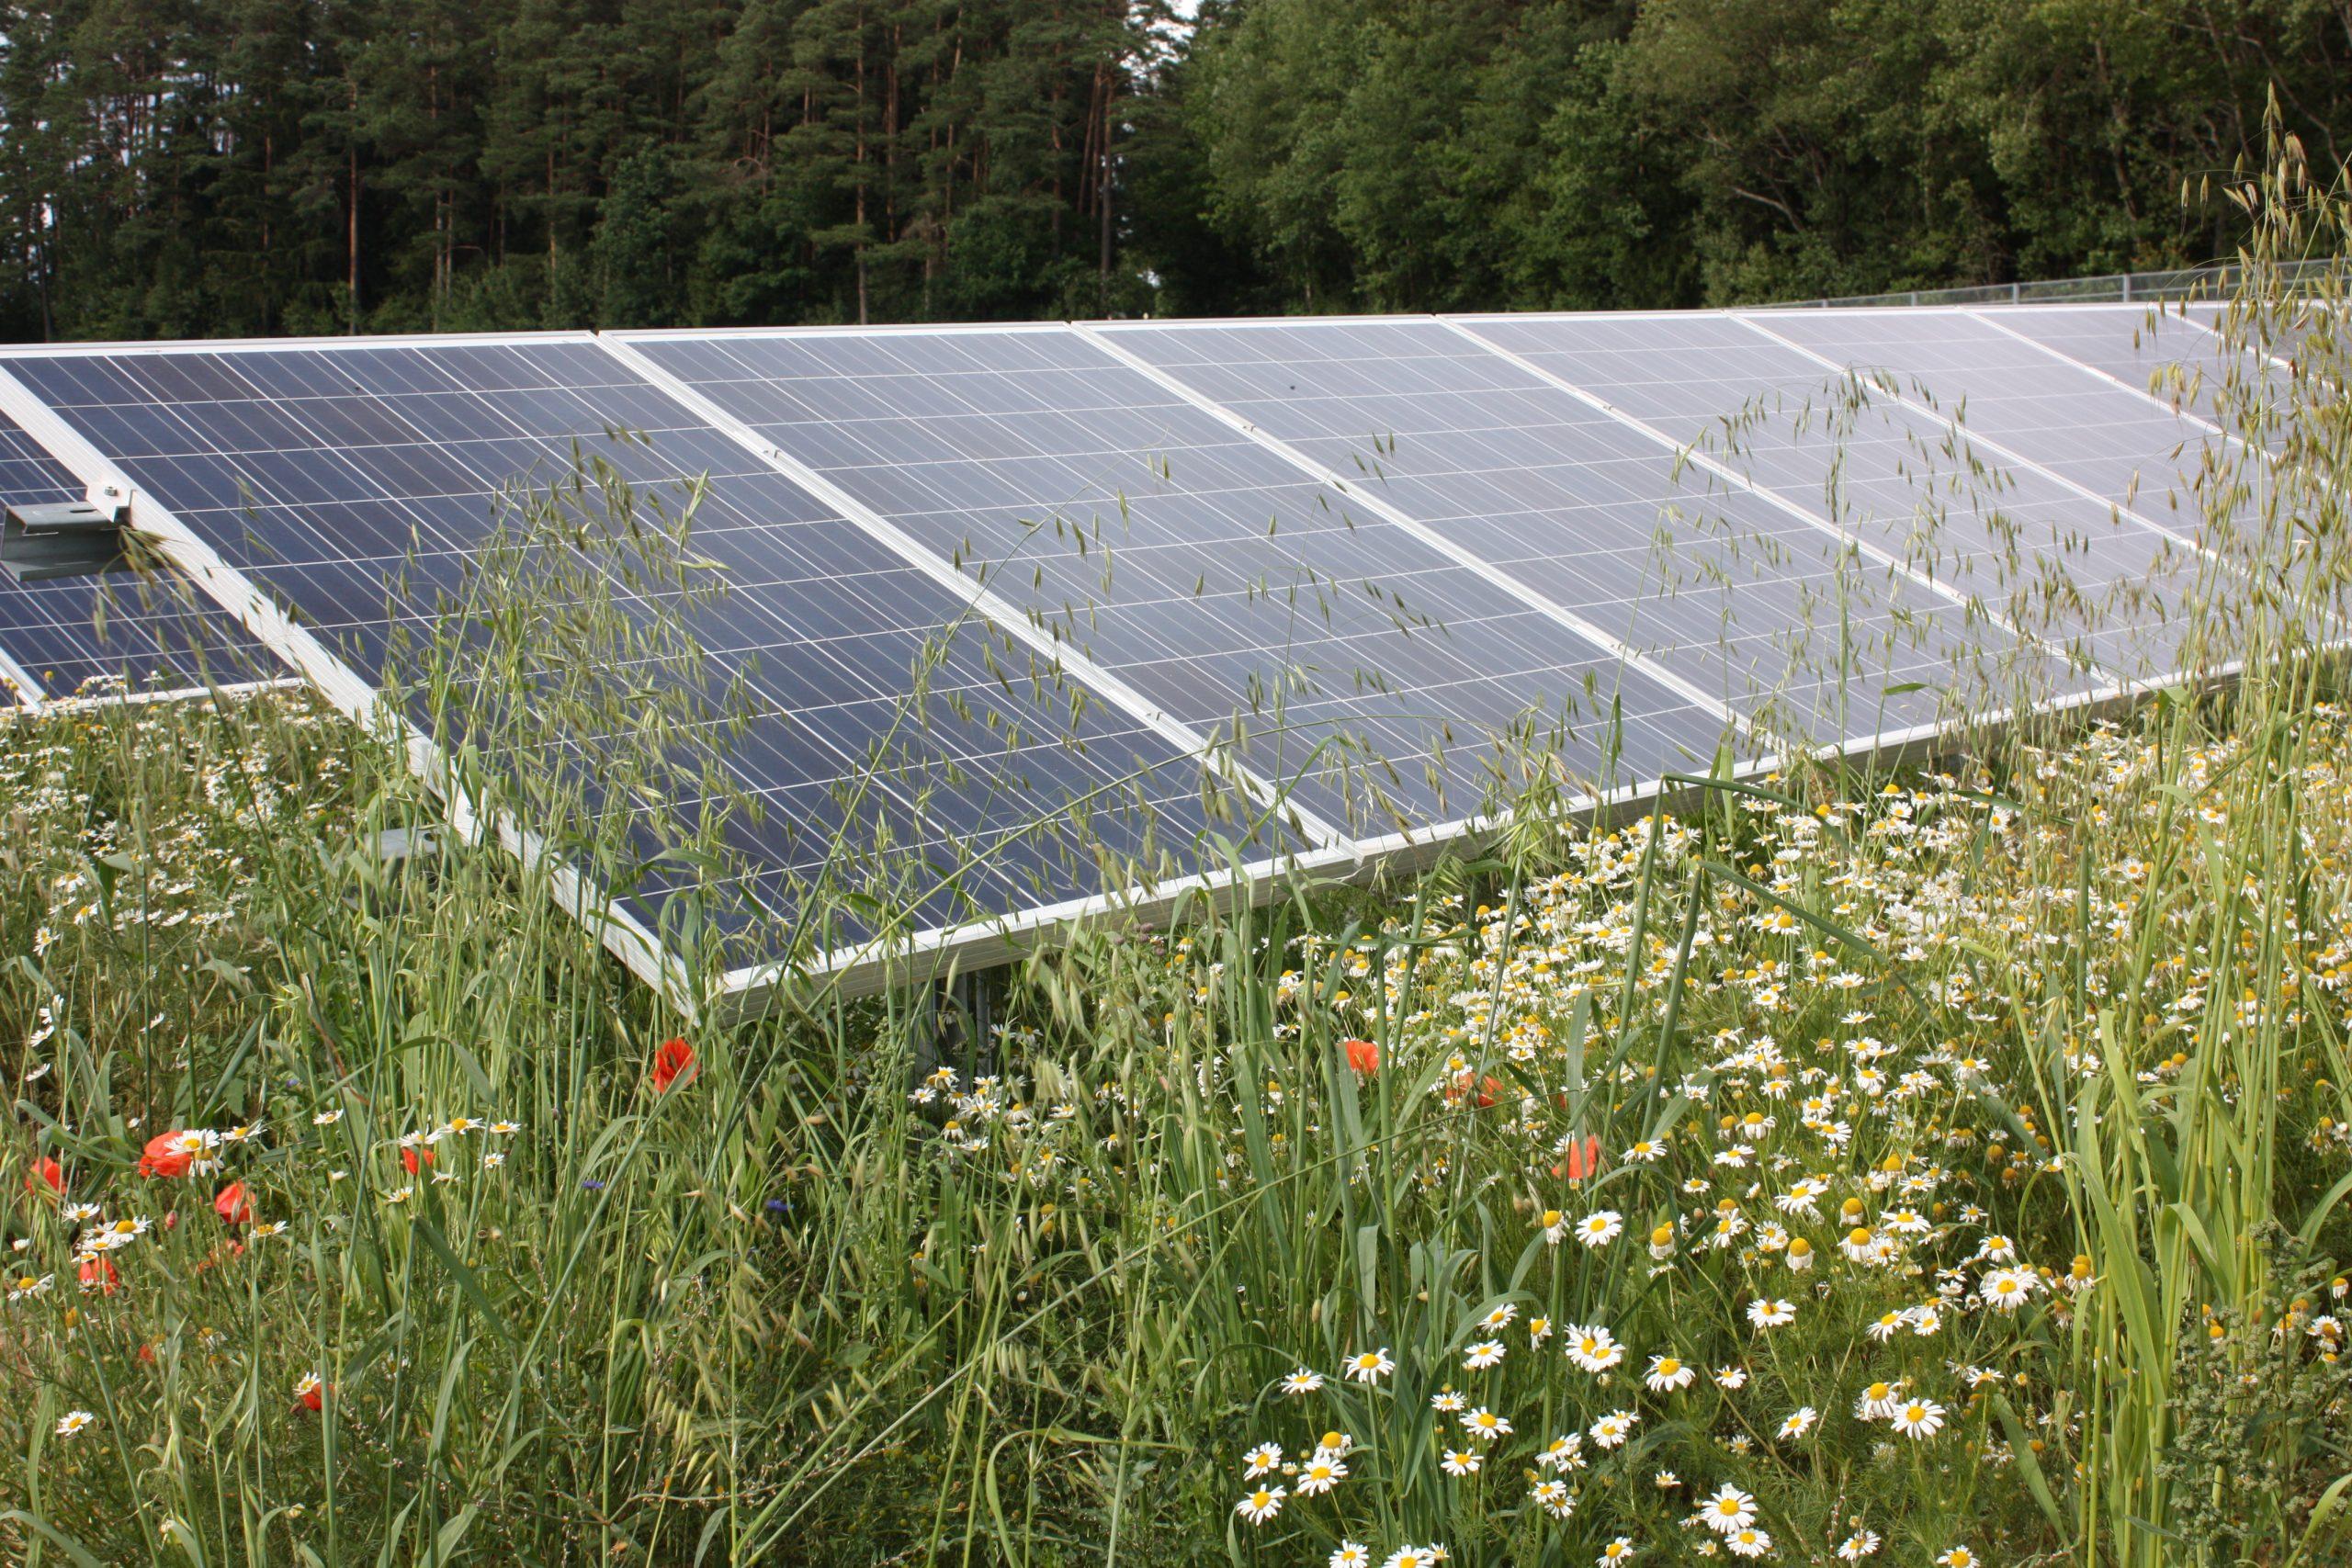 Positionspapier zu Freiflächen- und Agri-PV